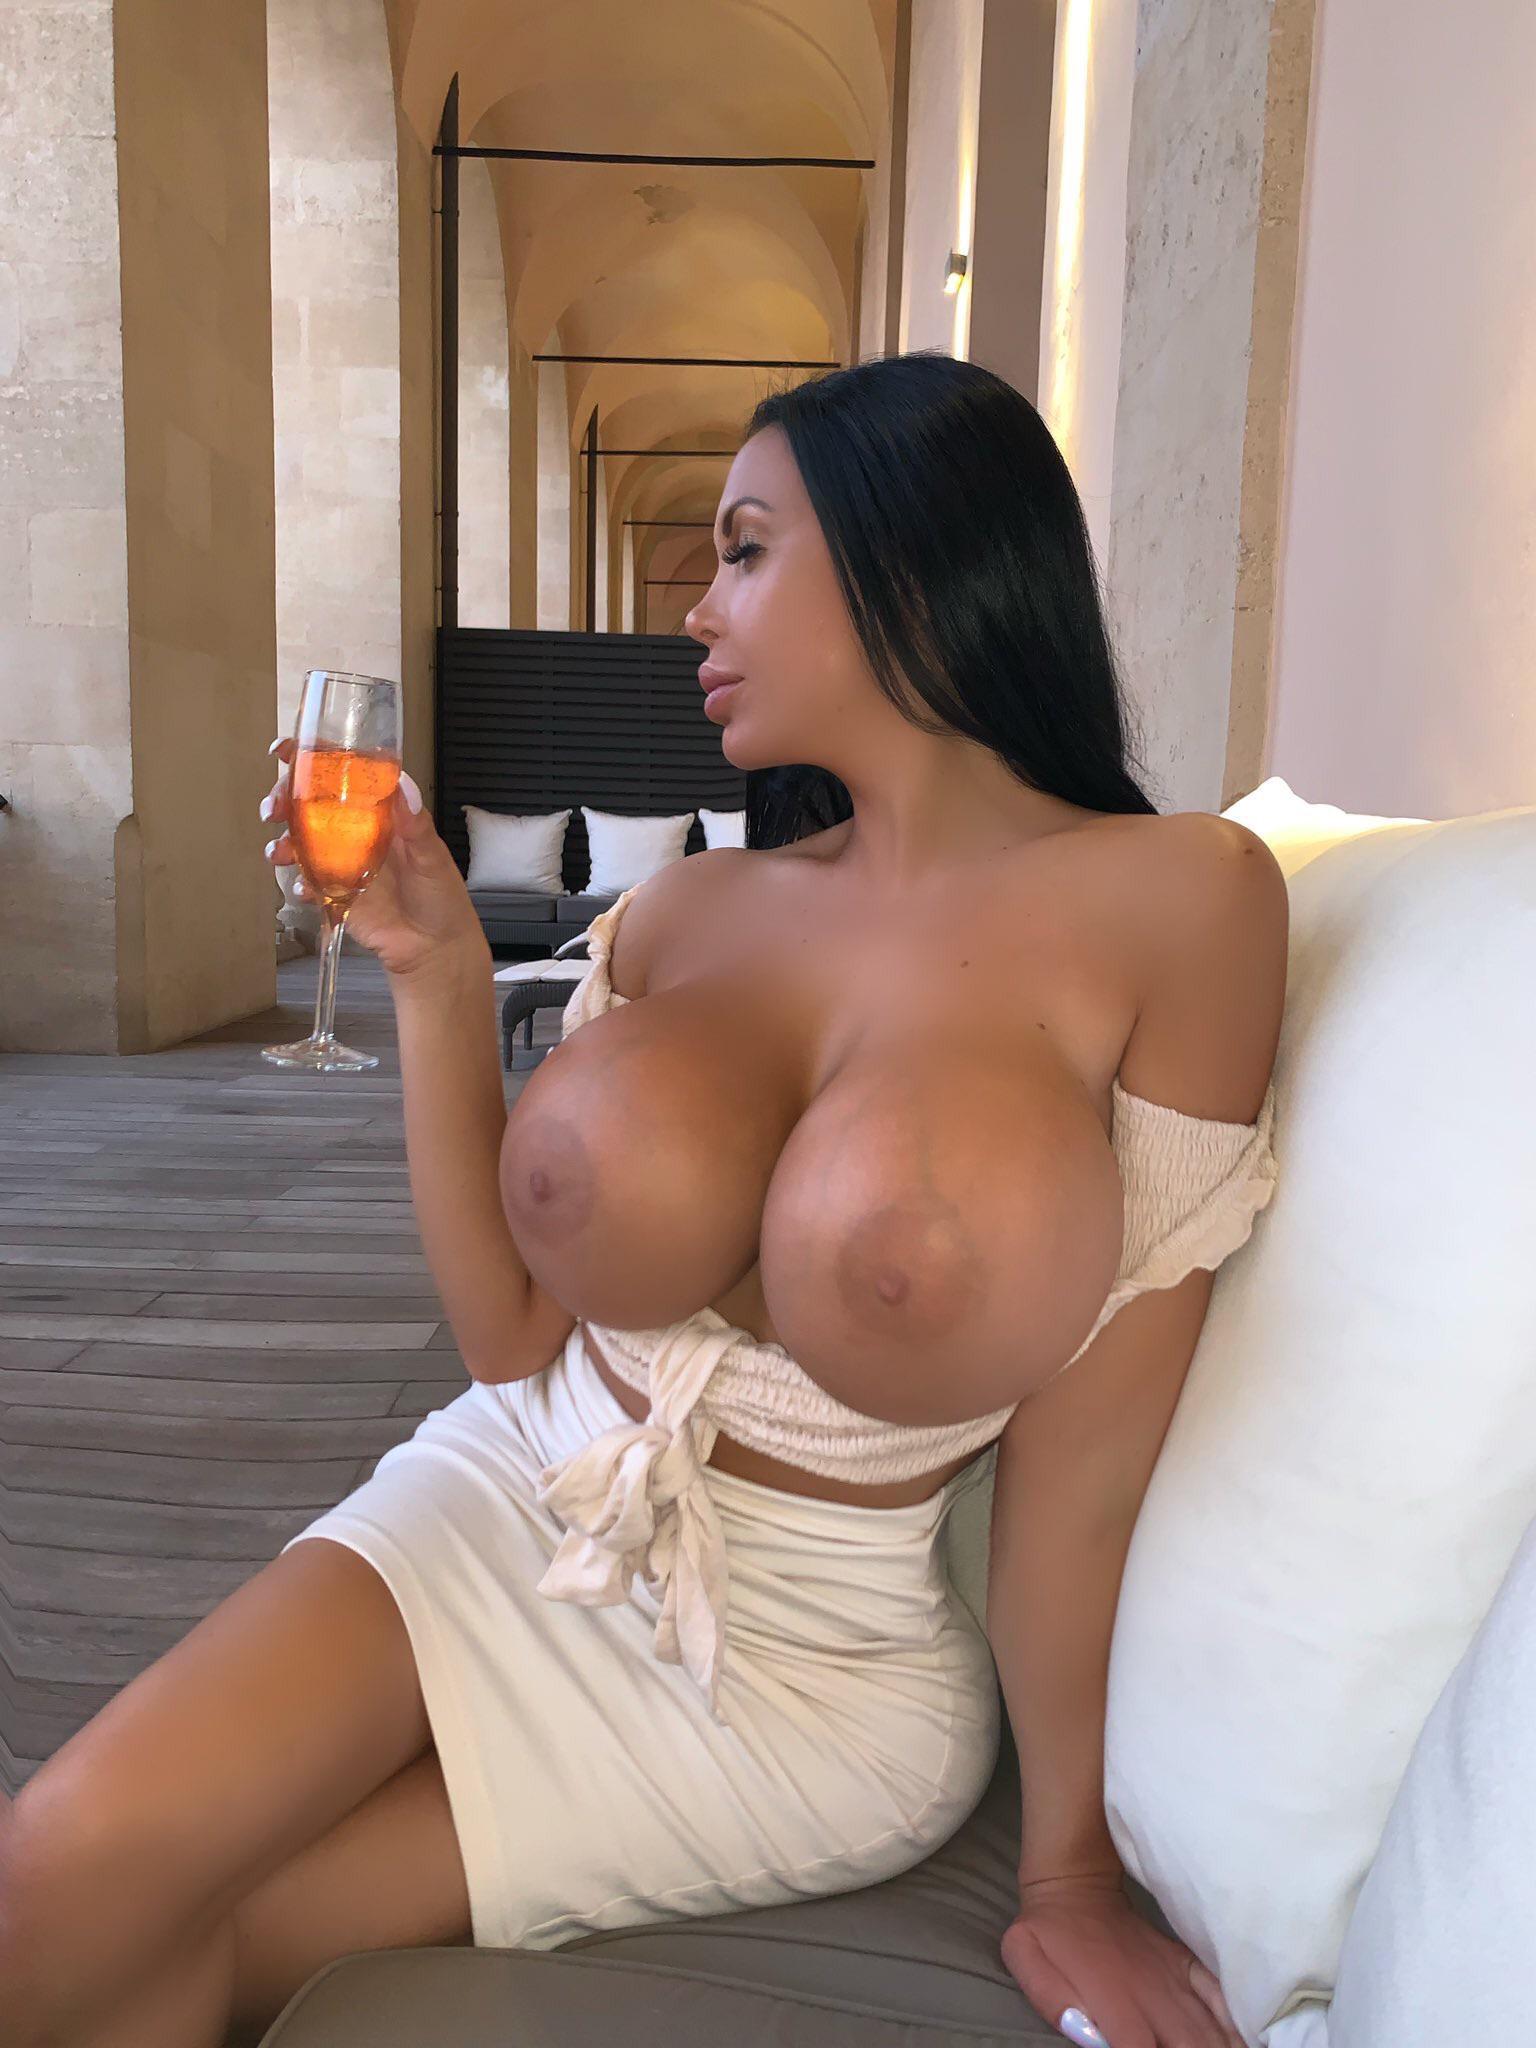 Anastasia Doll Porn anastasia sweet - free pics, videos & biography